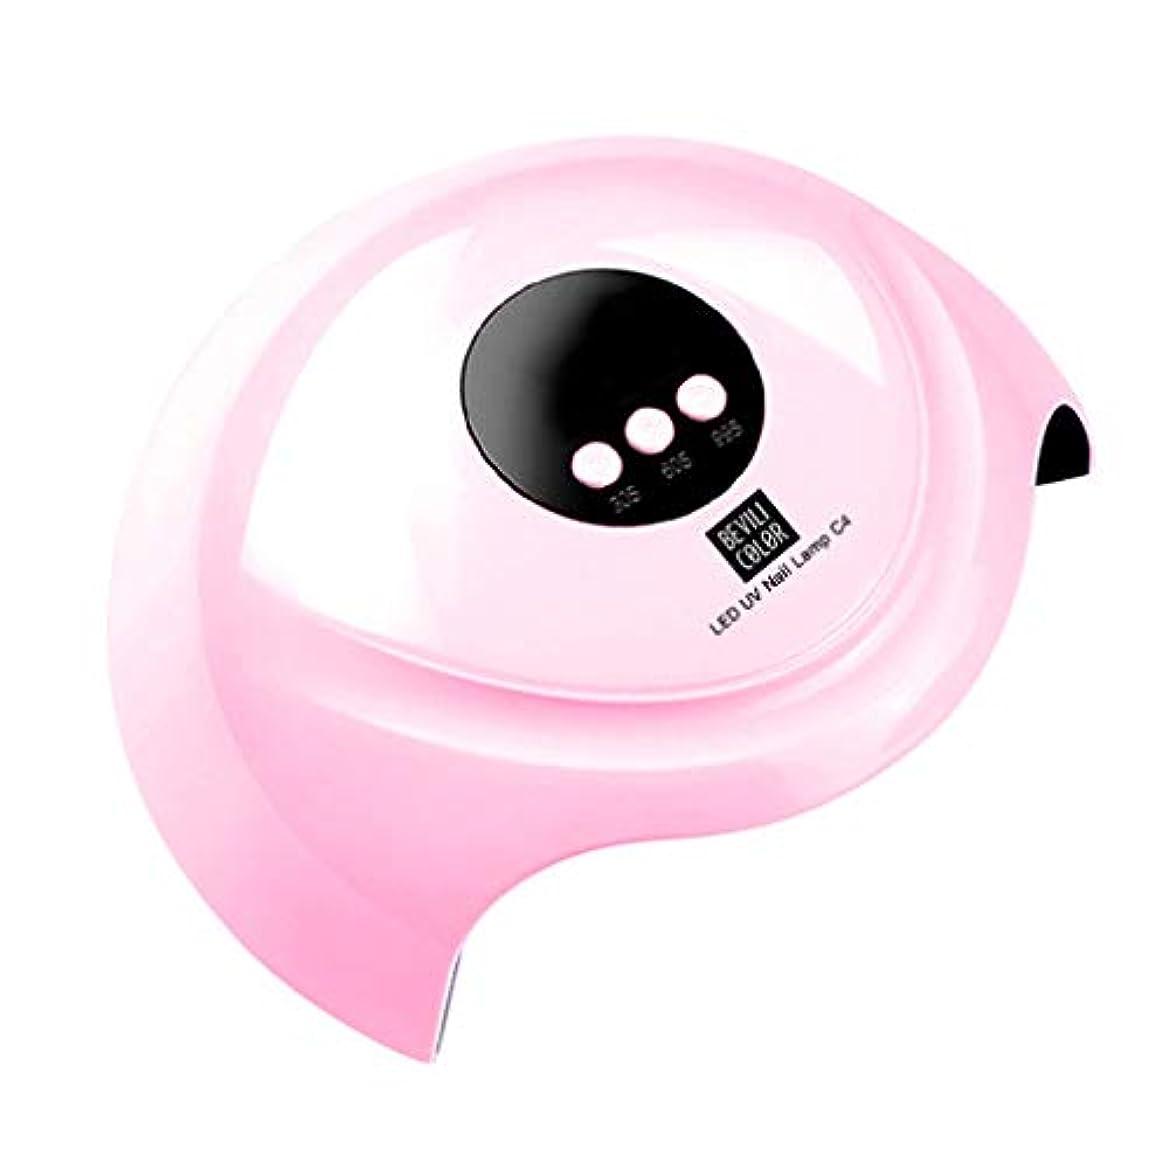 シュリンクドラマ脇にネイルジェル硬化機USBランプライトネイルジェルポリッシュドライヤー(誘導なし) (ピンク)